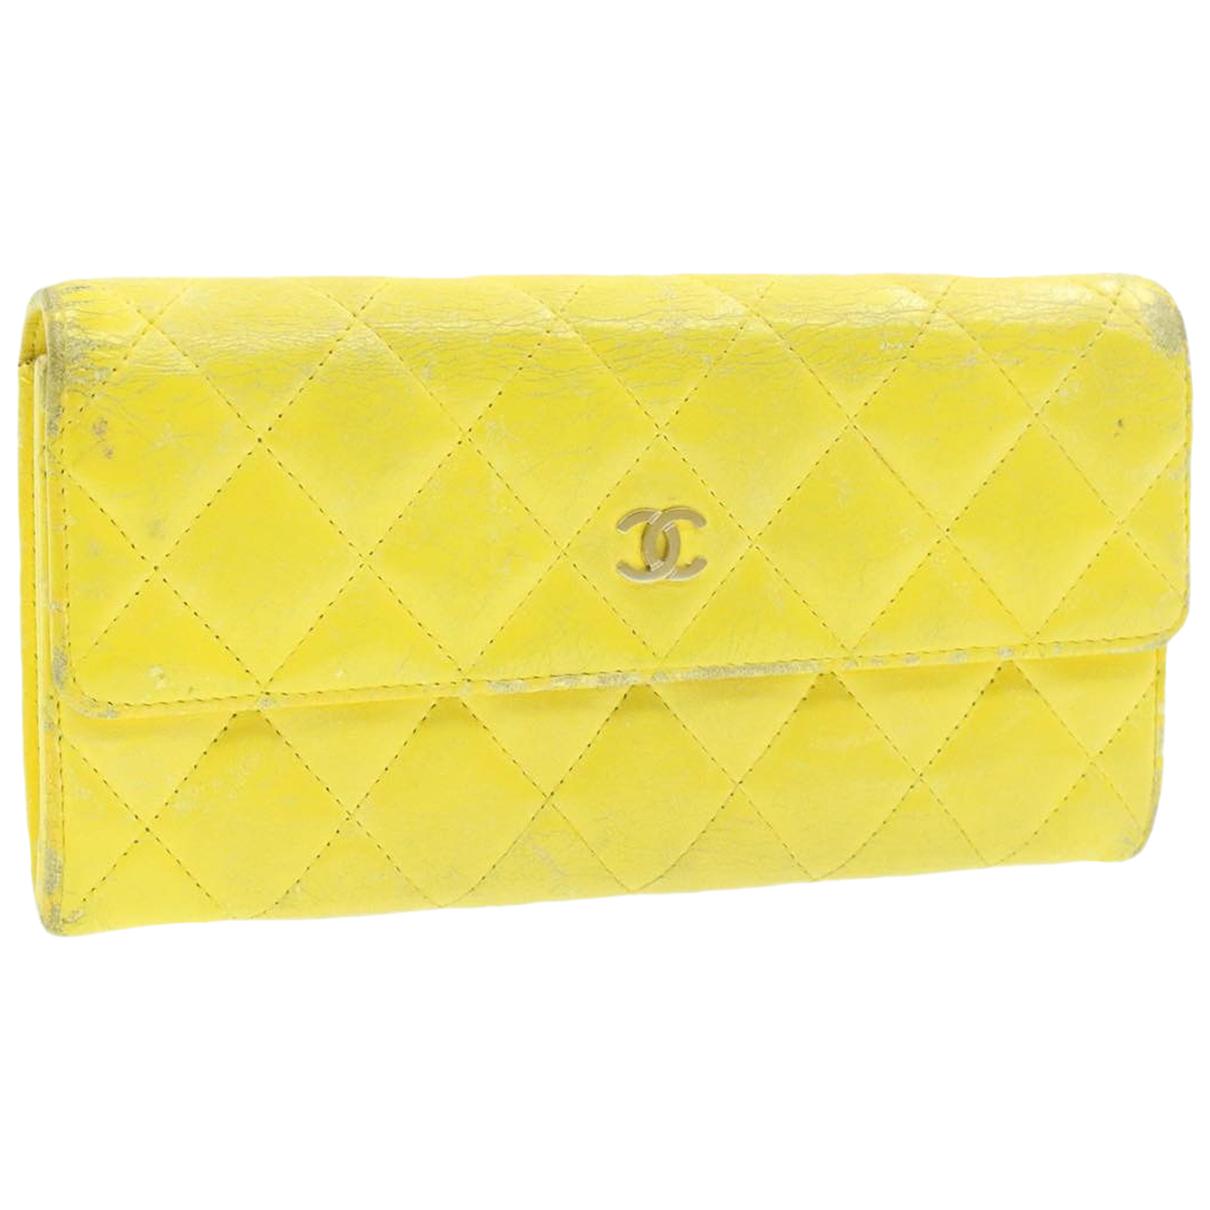 Chanel - Foulard   pour femme en autre - jaune